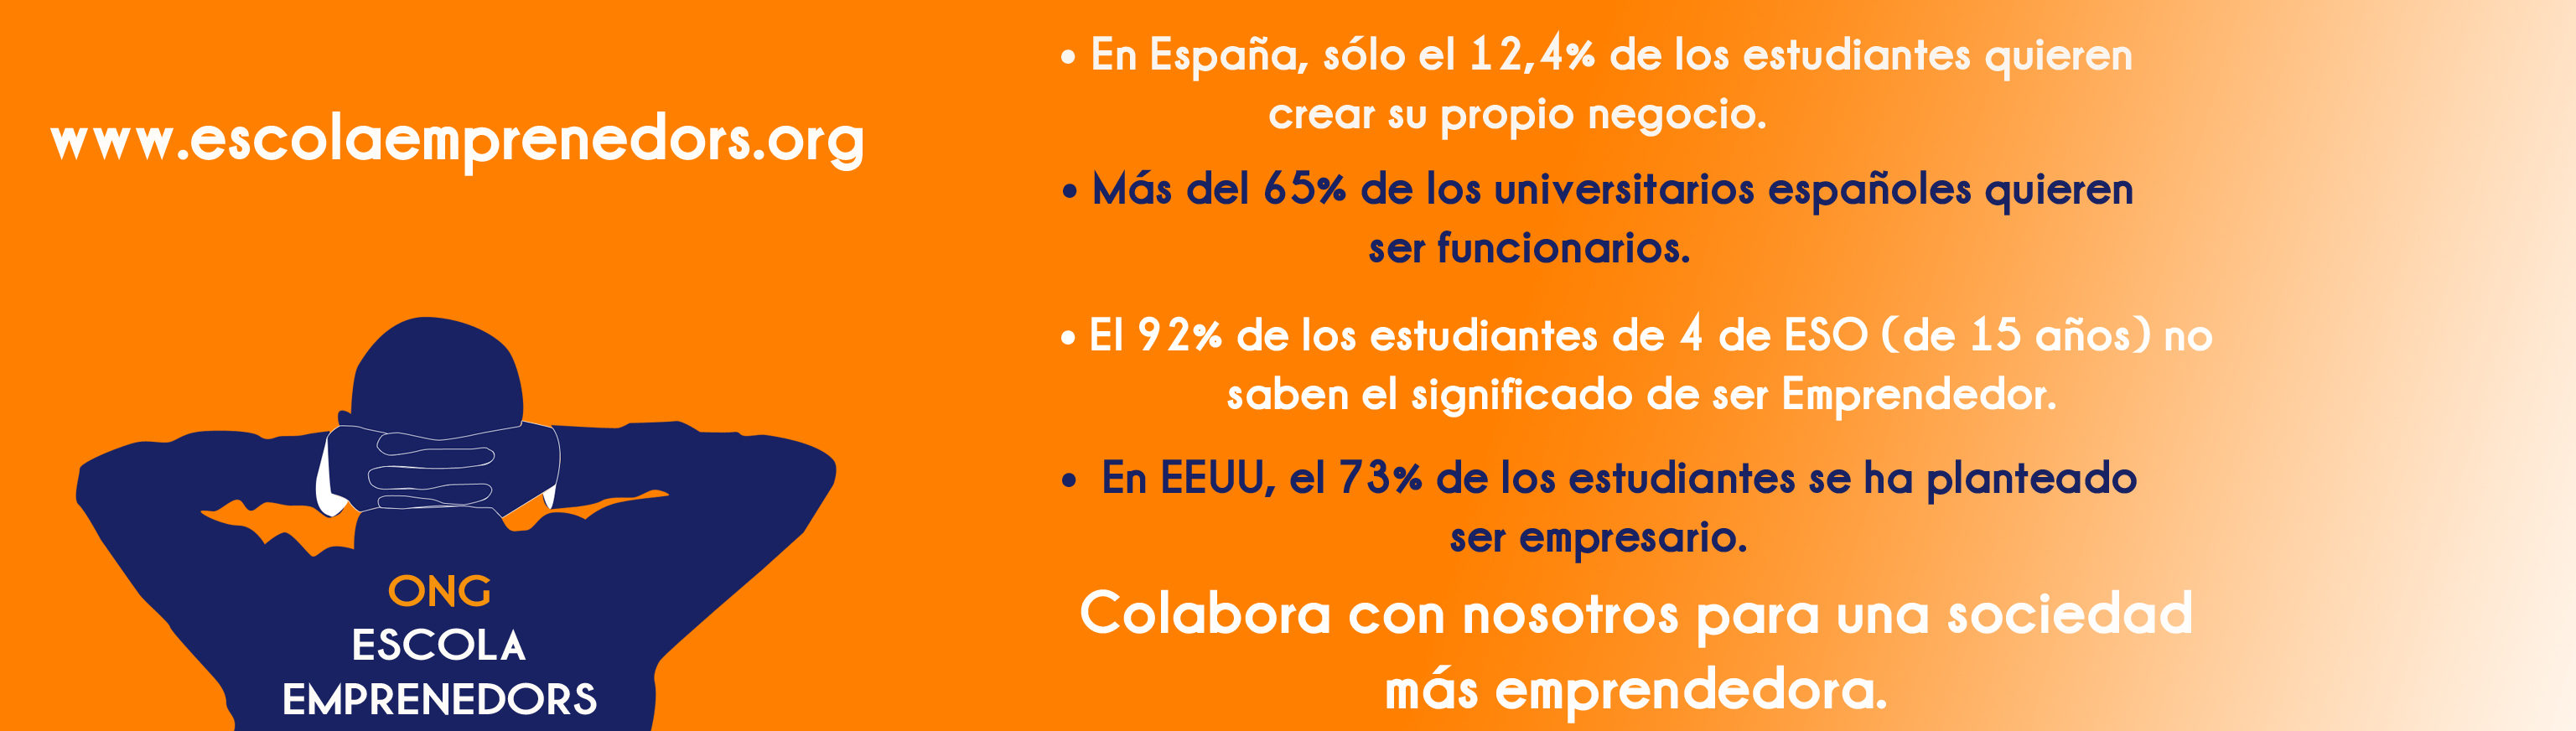 En España, solo el 12 % de los estudiantes quiere crear su propio negocio